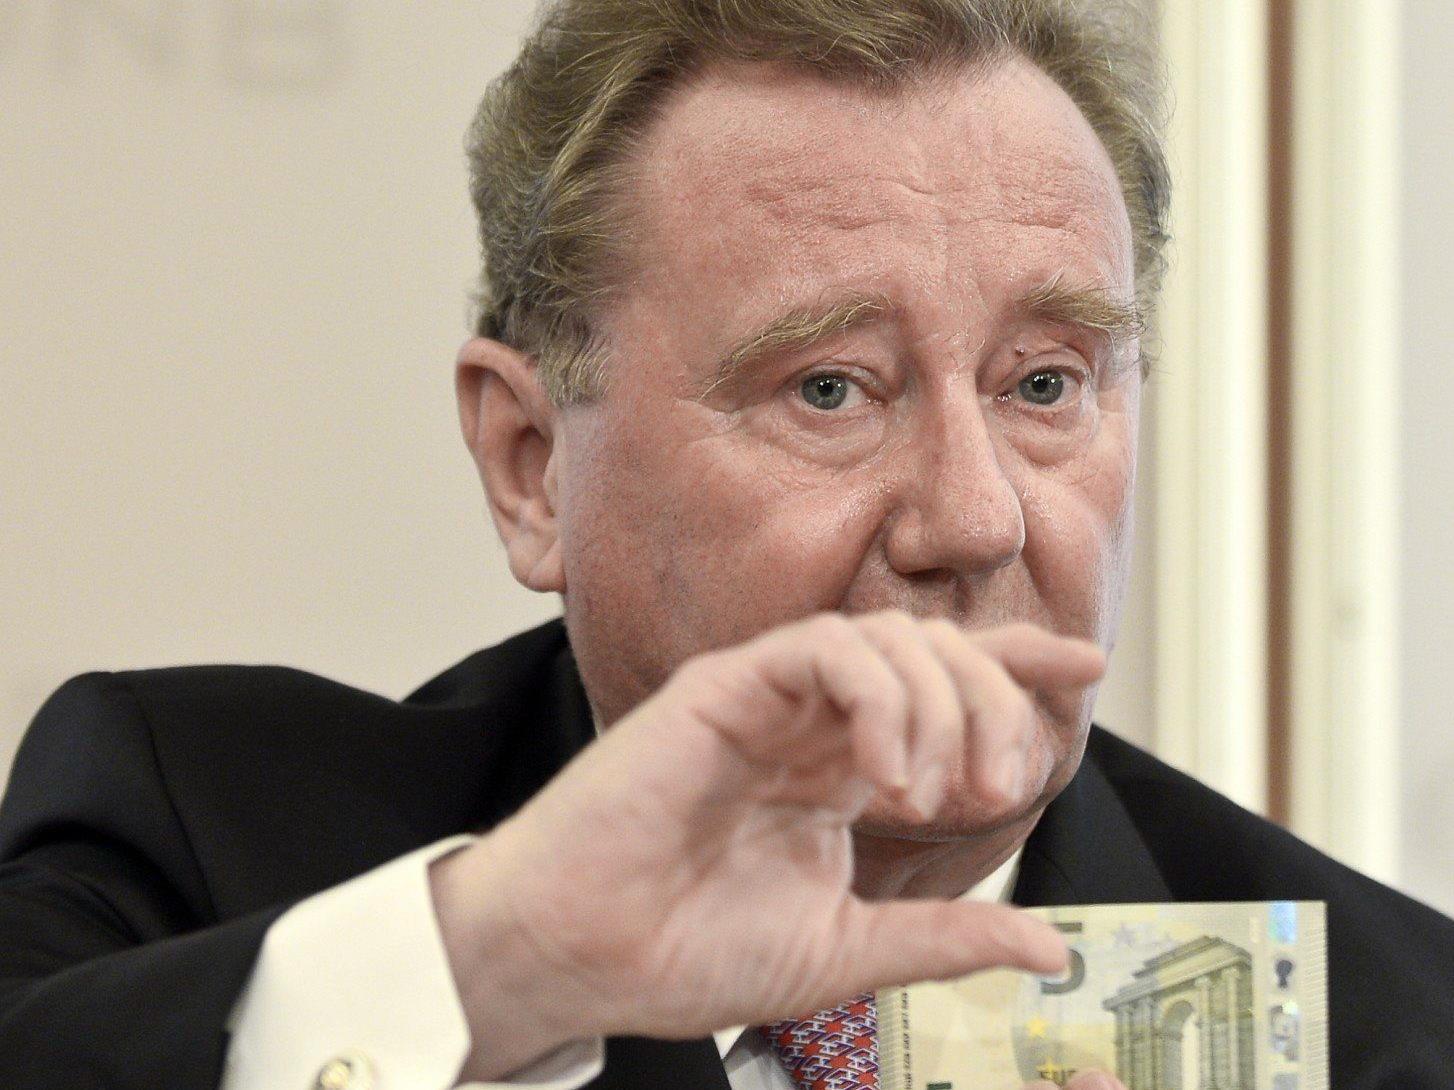 Ex-OeNB-Vize-Gouverneur Wolfgang Duchatczek (hier bei der Präsentation der neuen 5-Euro-Scheine) hat keine Ansprüche auf eine OeNB-Pension.